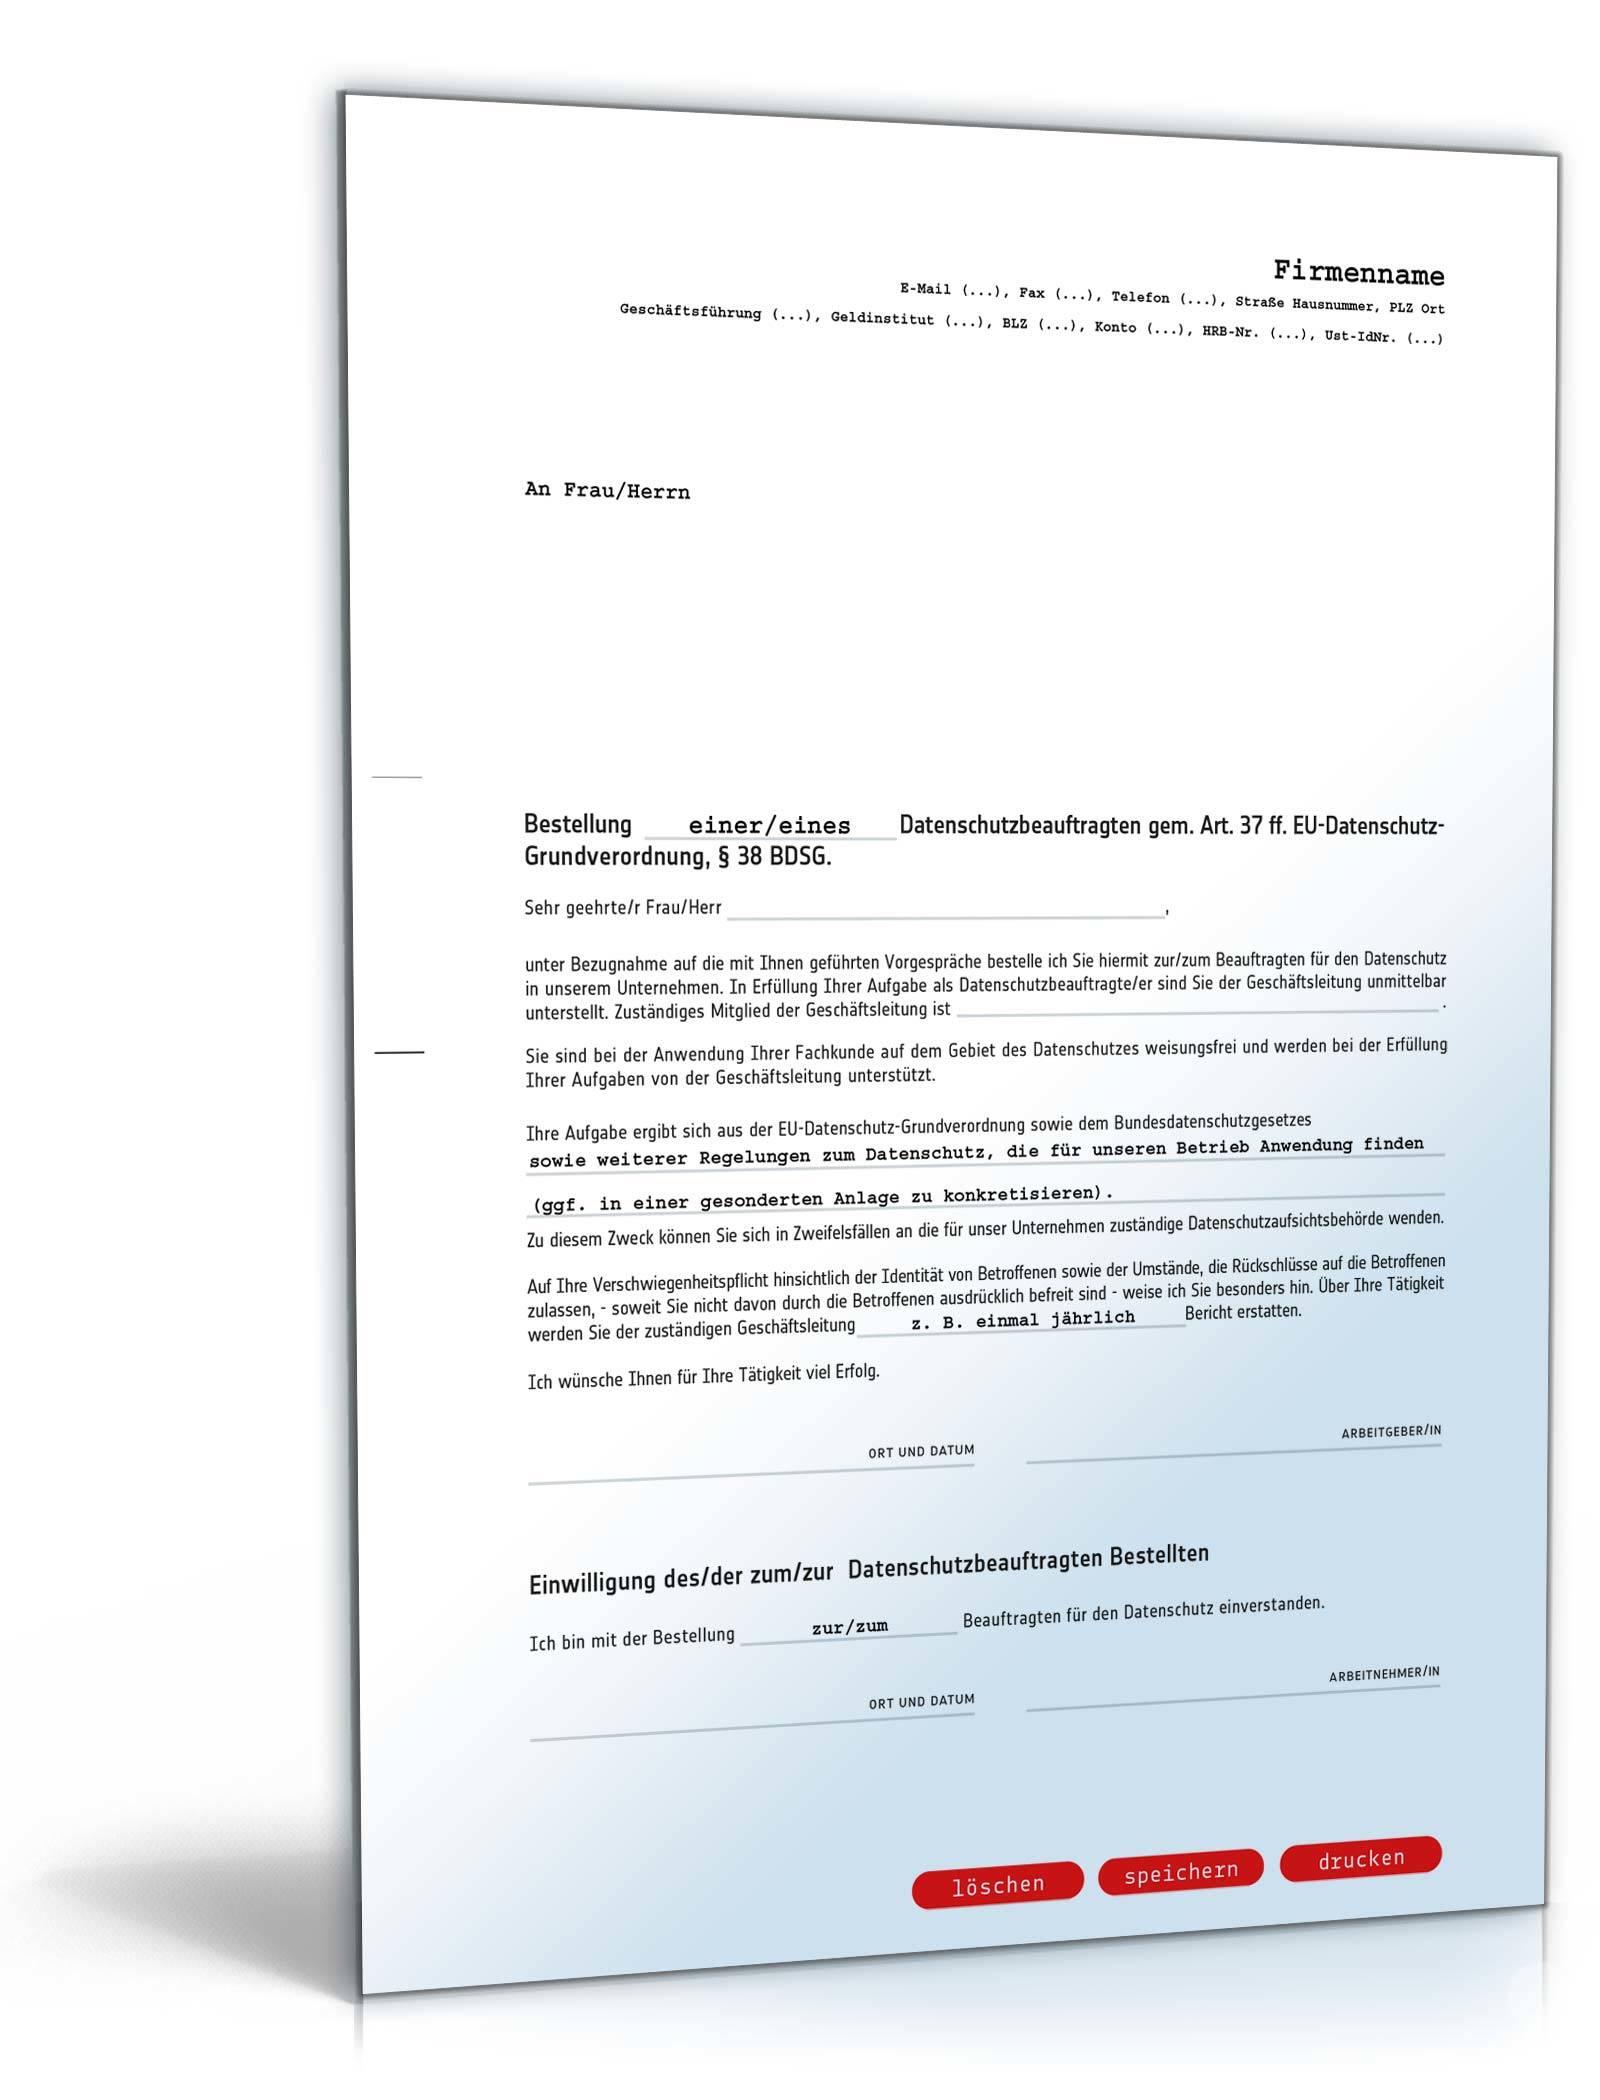 Bestellung Datenschutzbeauftragter